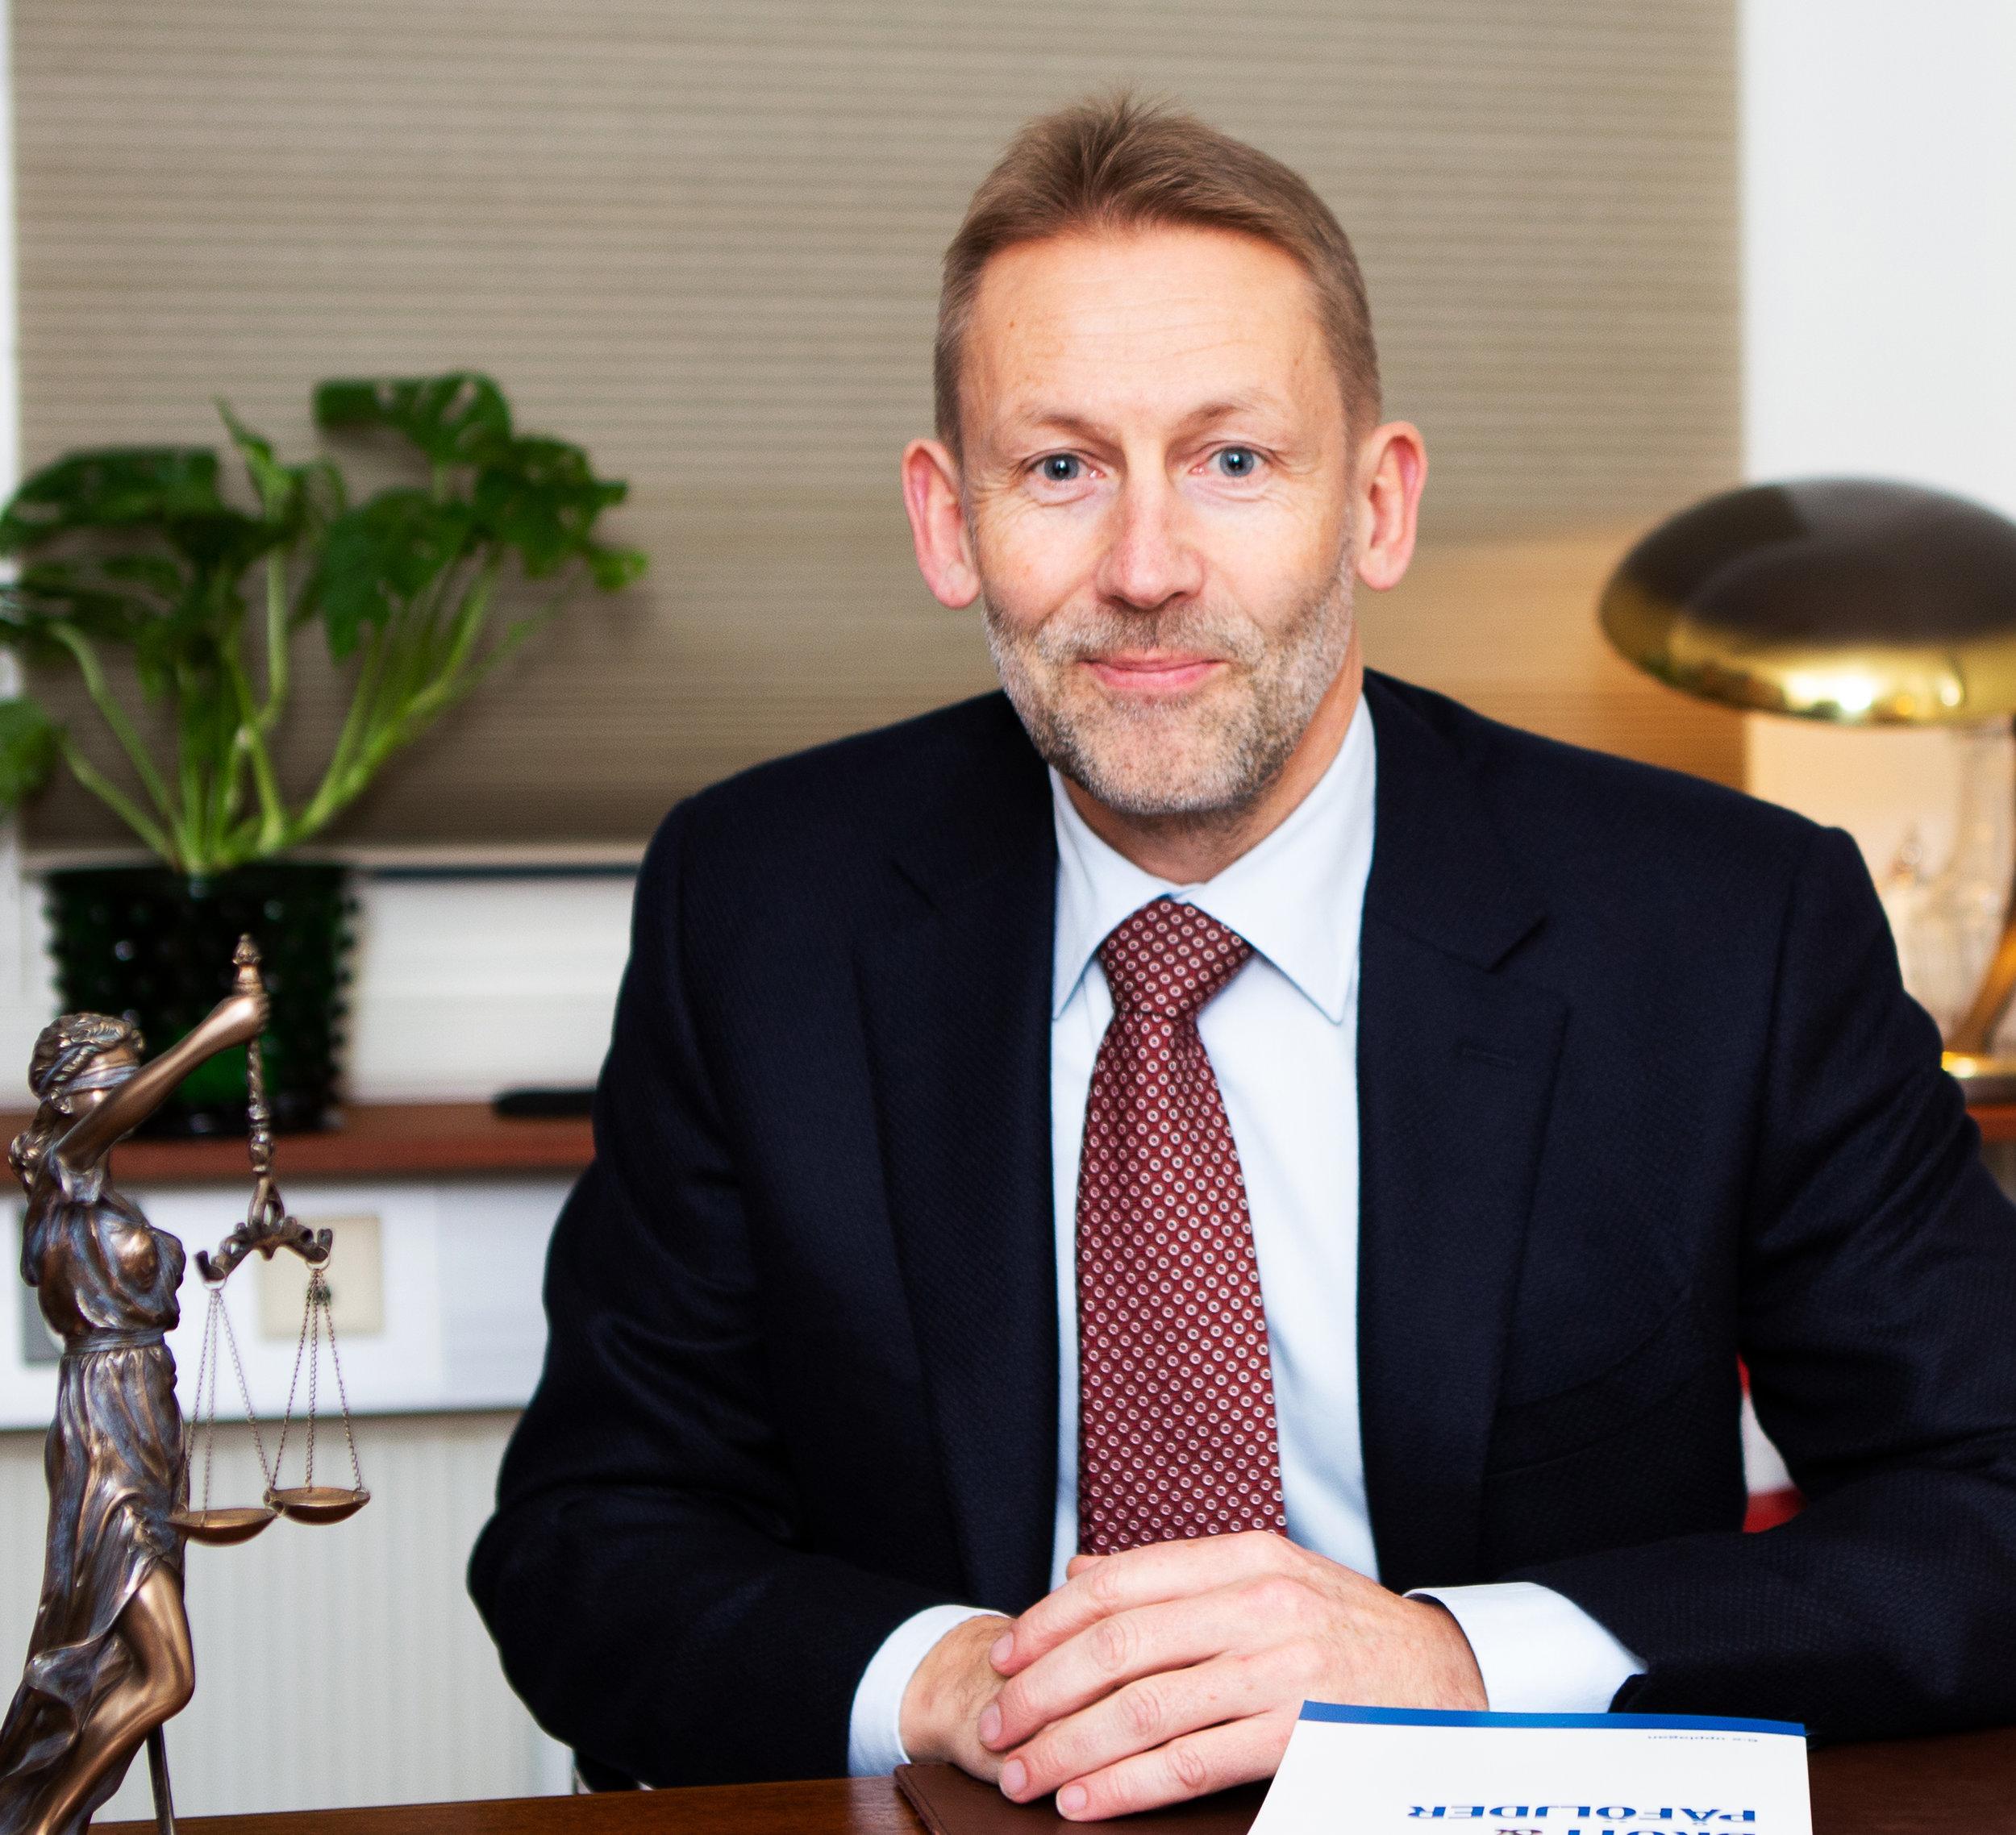 Lars Andersson  Advokat, delägare.  Lars är konkursförvaltare, vilket tillsammans med brottmål utgör hans huvudsakliga verksamhetsområden.  Lars tar uppdrag som såväl offentlig försvarare som målsägandebiträde. Som offentlig försvarare har han särskild kompetens inom ekonomisk brottslighet.  Lars tar även uppdrag inom affärsjuridik och arbetsrätt.   Kontaktuppgifter:  E-post:    andersson@sannerbrink.se